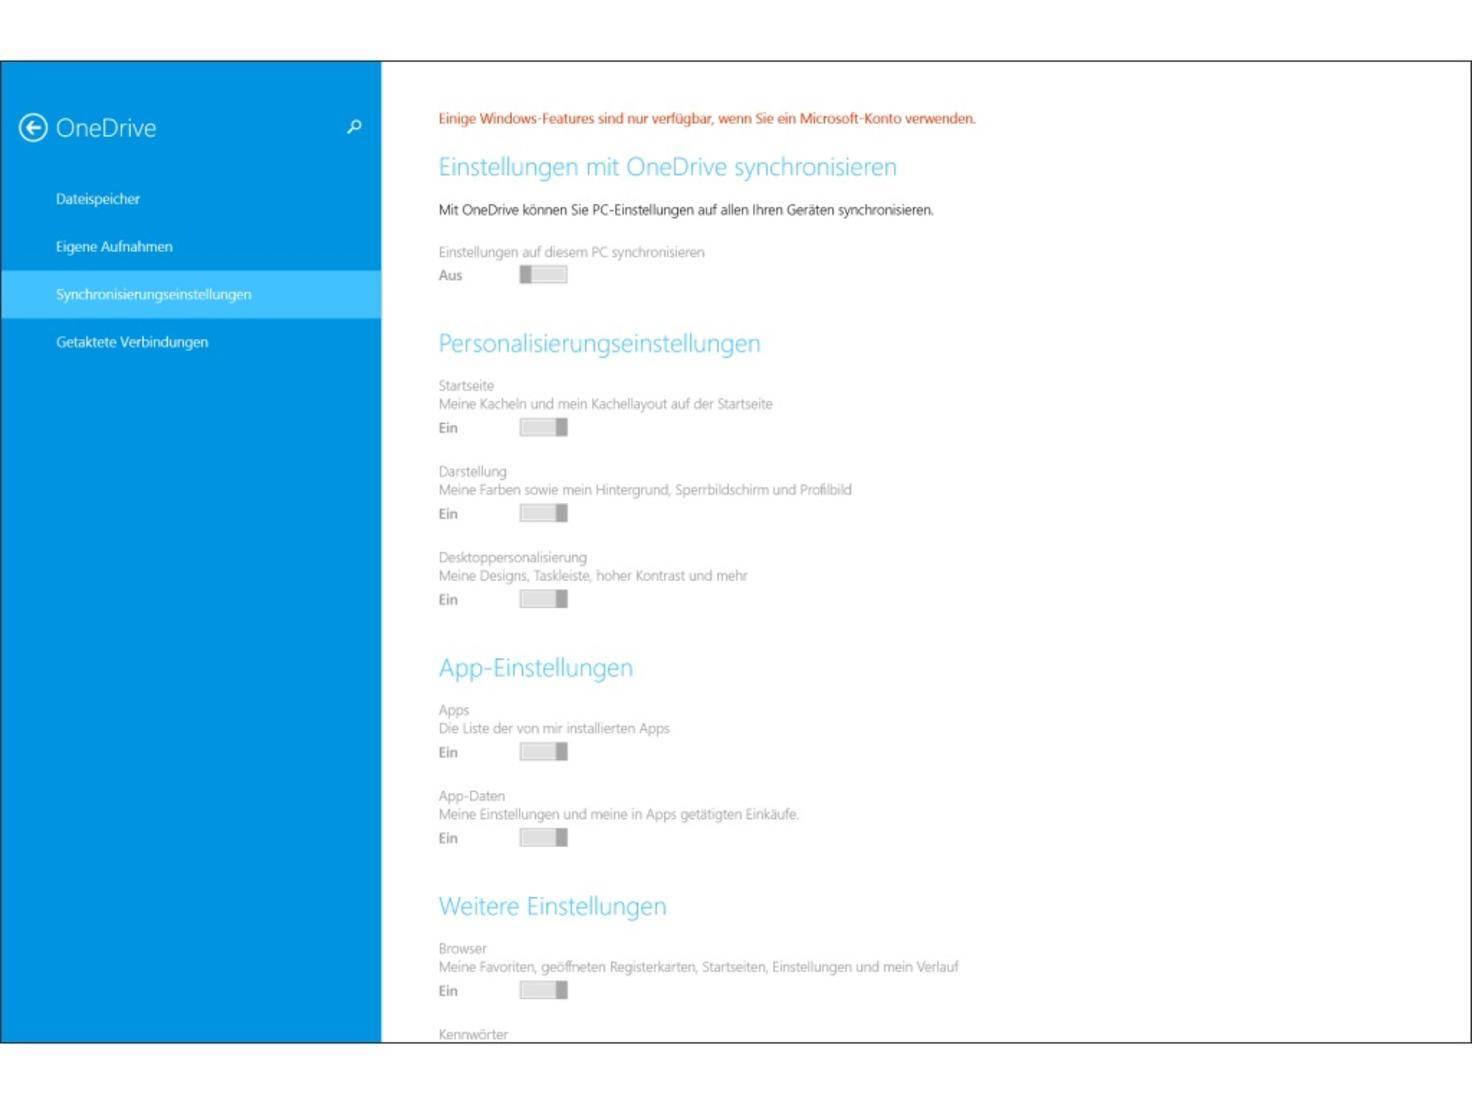 Der Cloud-Service OneDrive ist auf jedem Surface Pro 3 vorinstalliert.